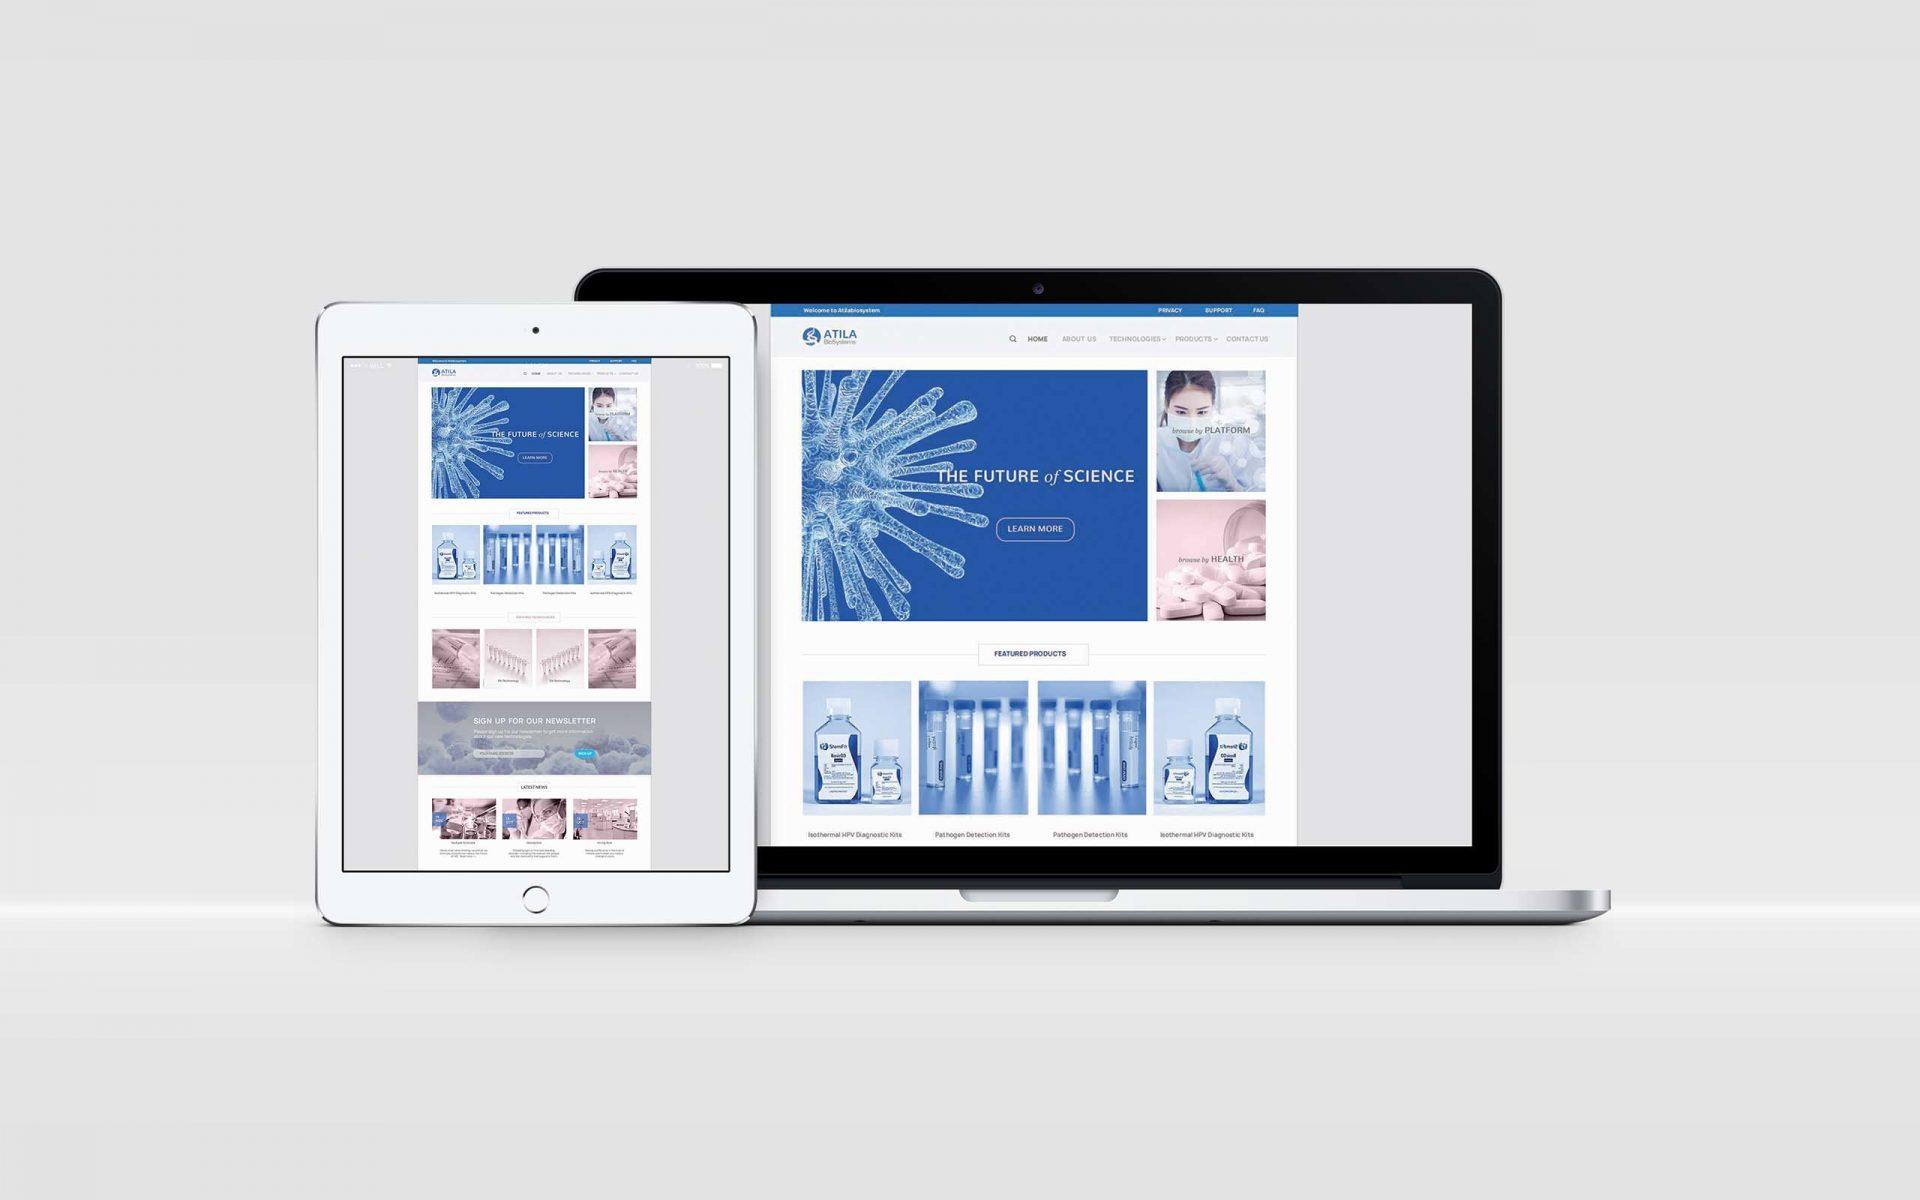 生物科技网站设计